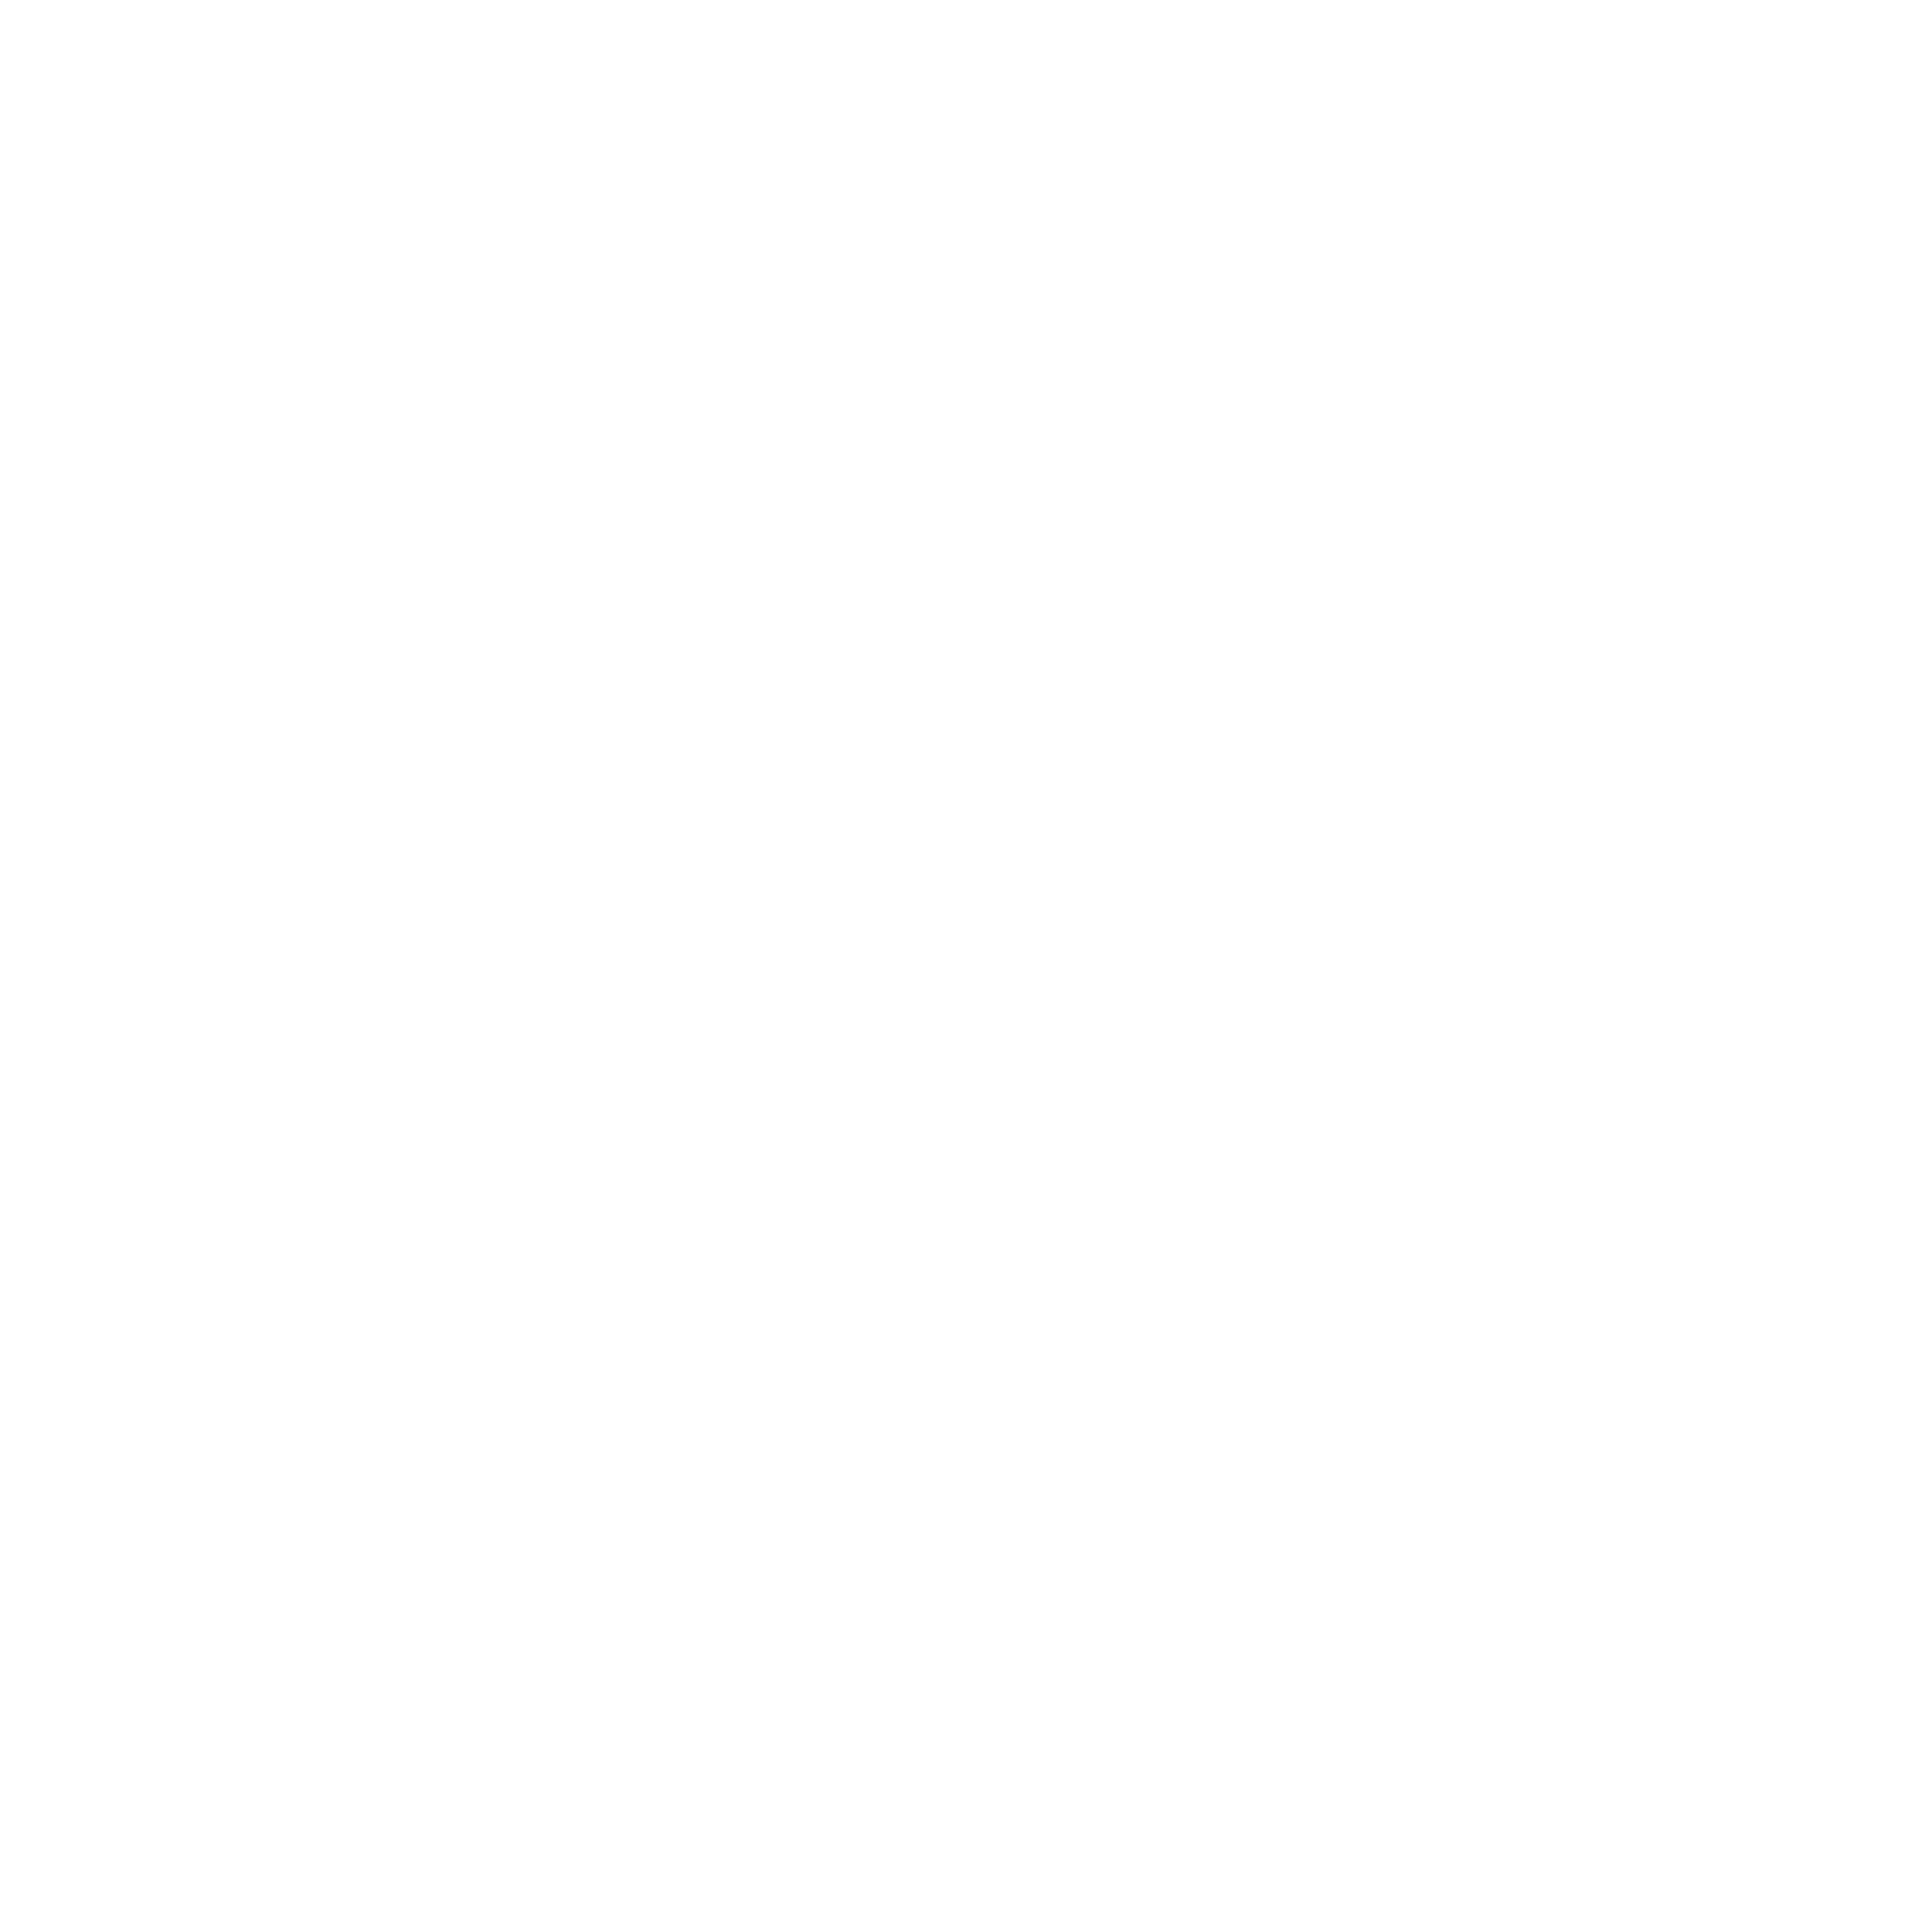 Amblem/Logotype Siyah/Beyaz Kullanım